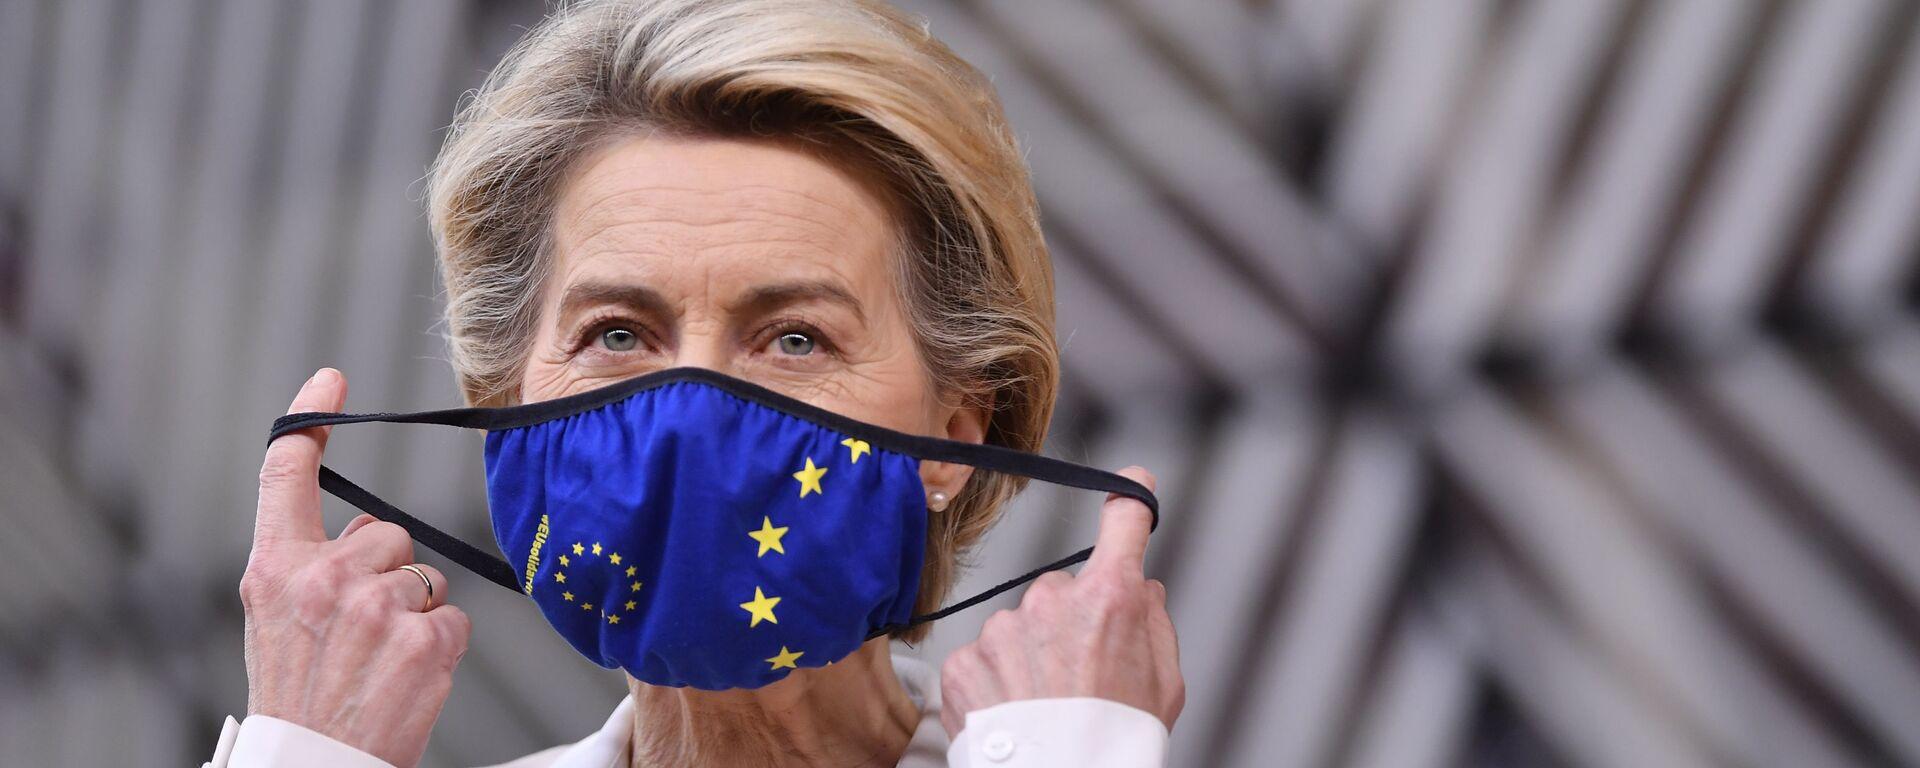 La presidenta de la Comisión Europea, Ursula von der Leyen - Sputnik Mundo, 1920, 20.08.2021